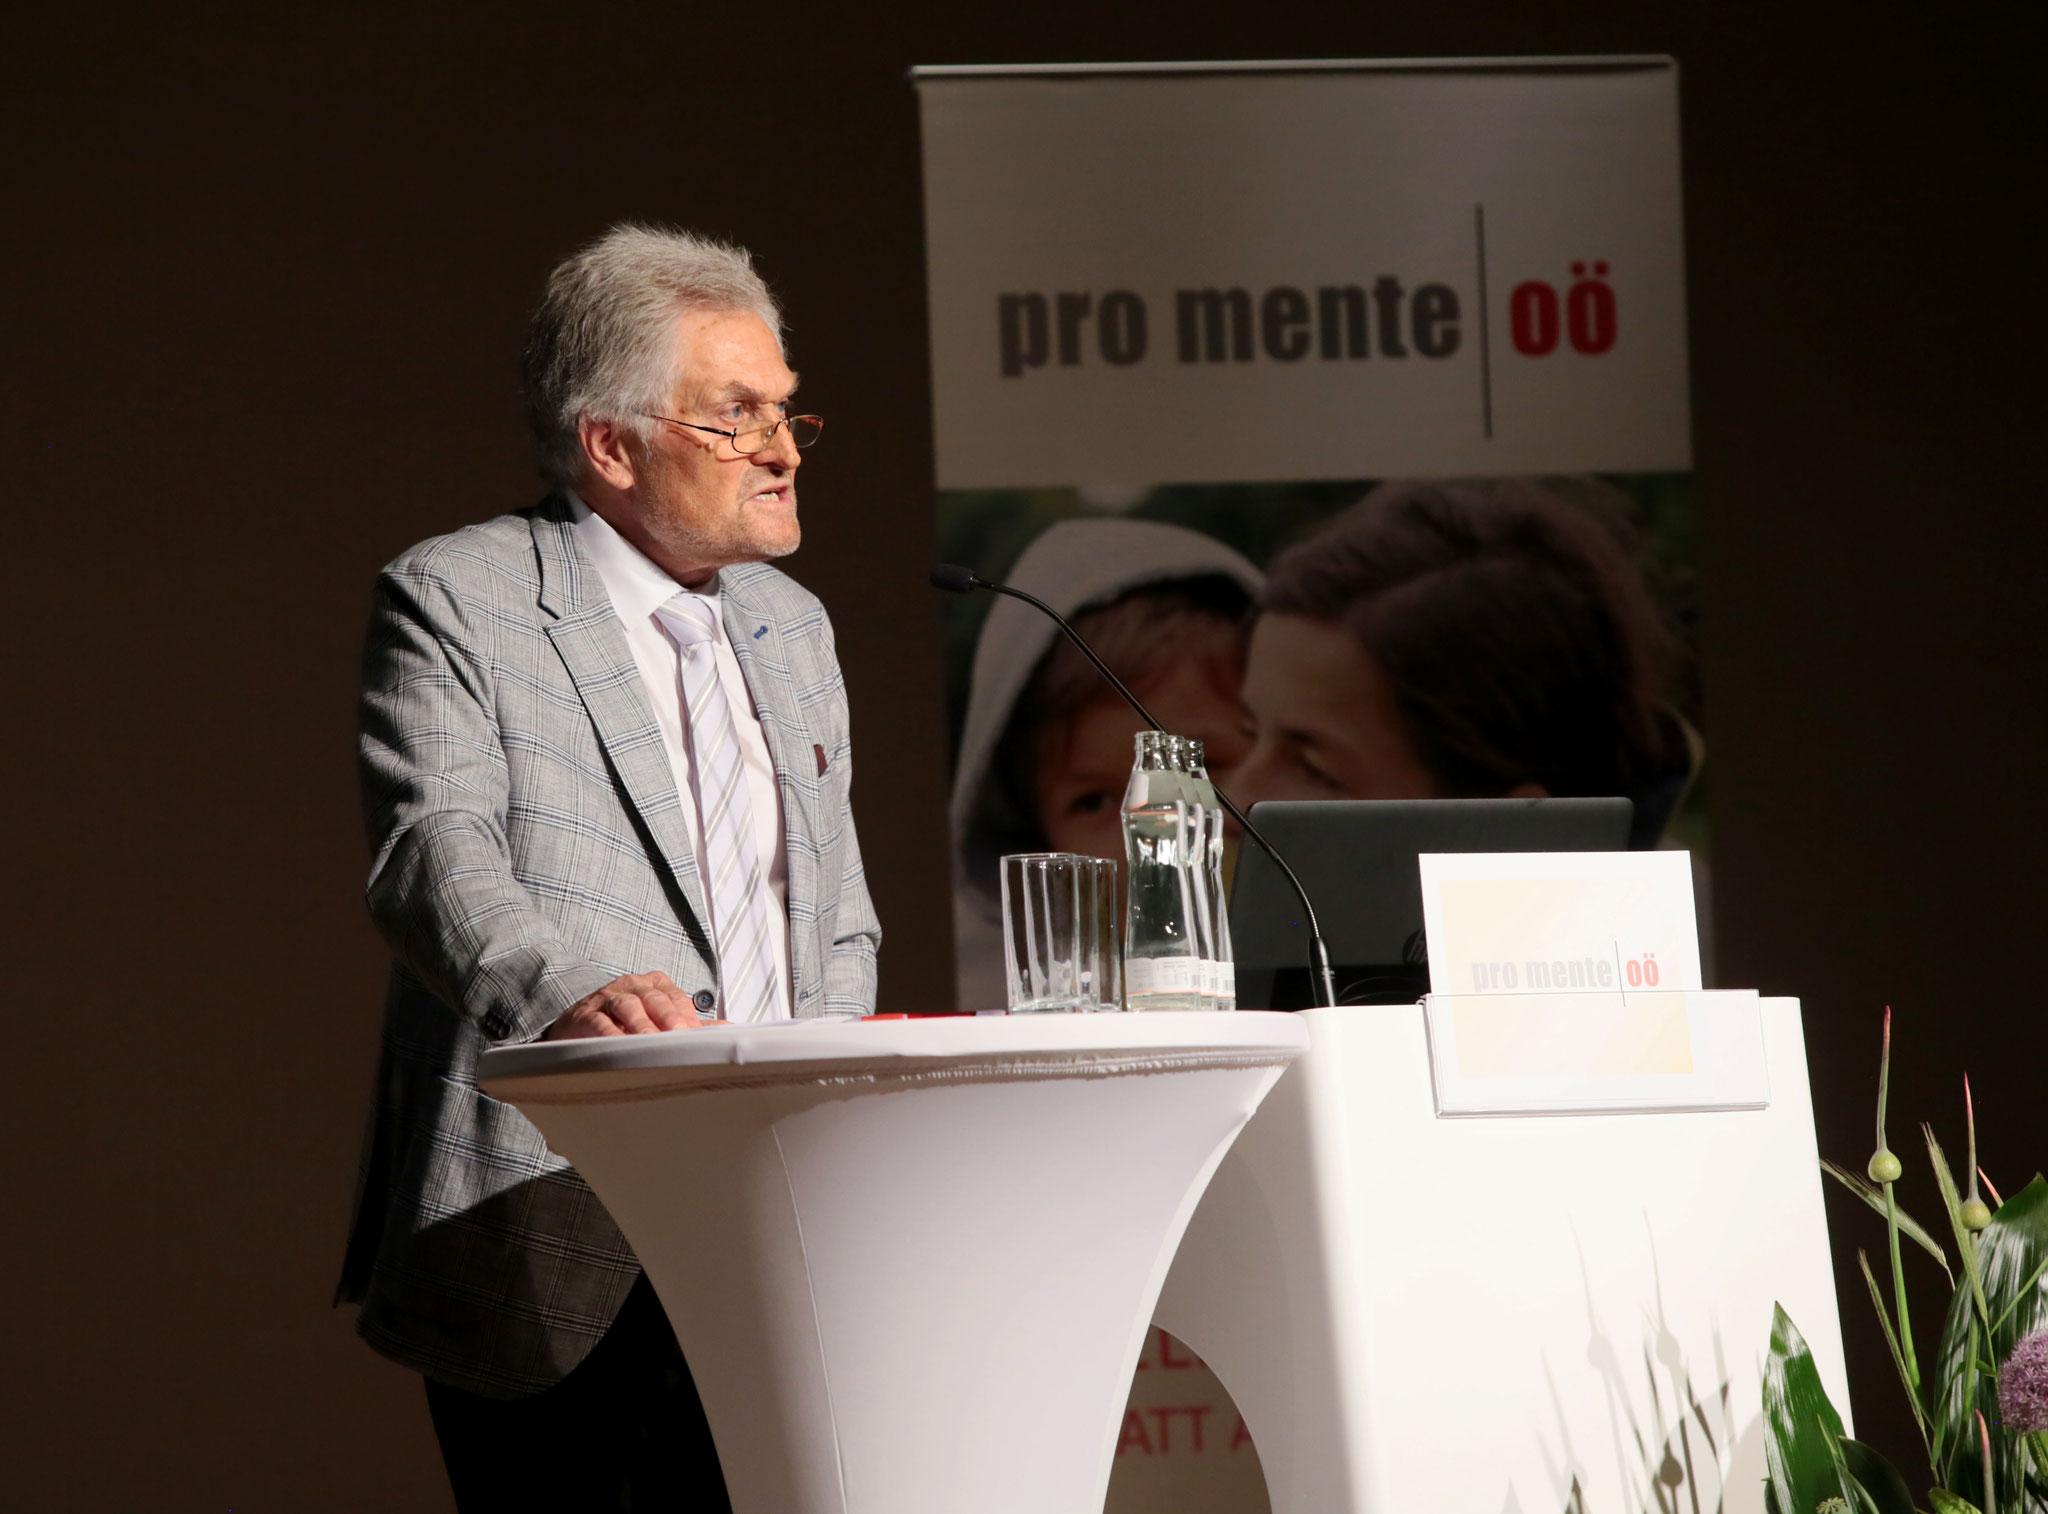 Hans Krottenthaler